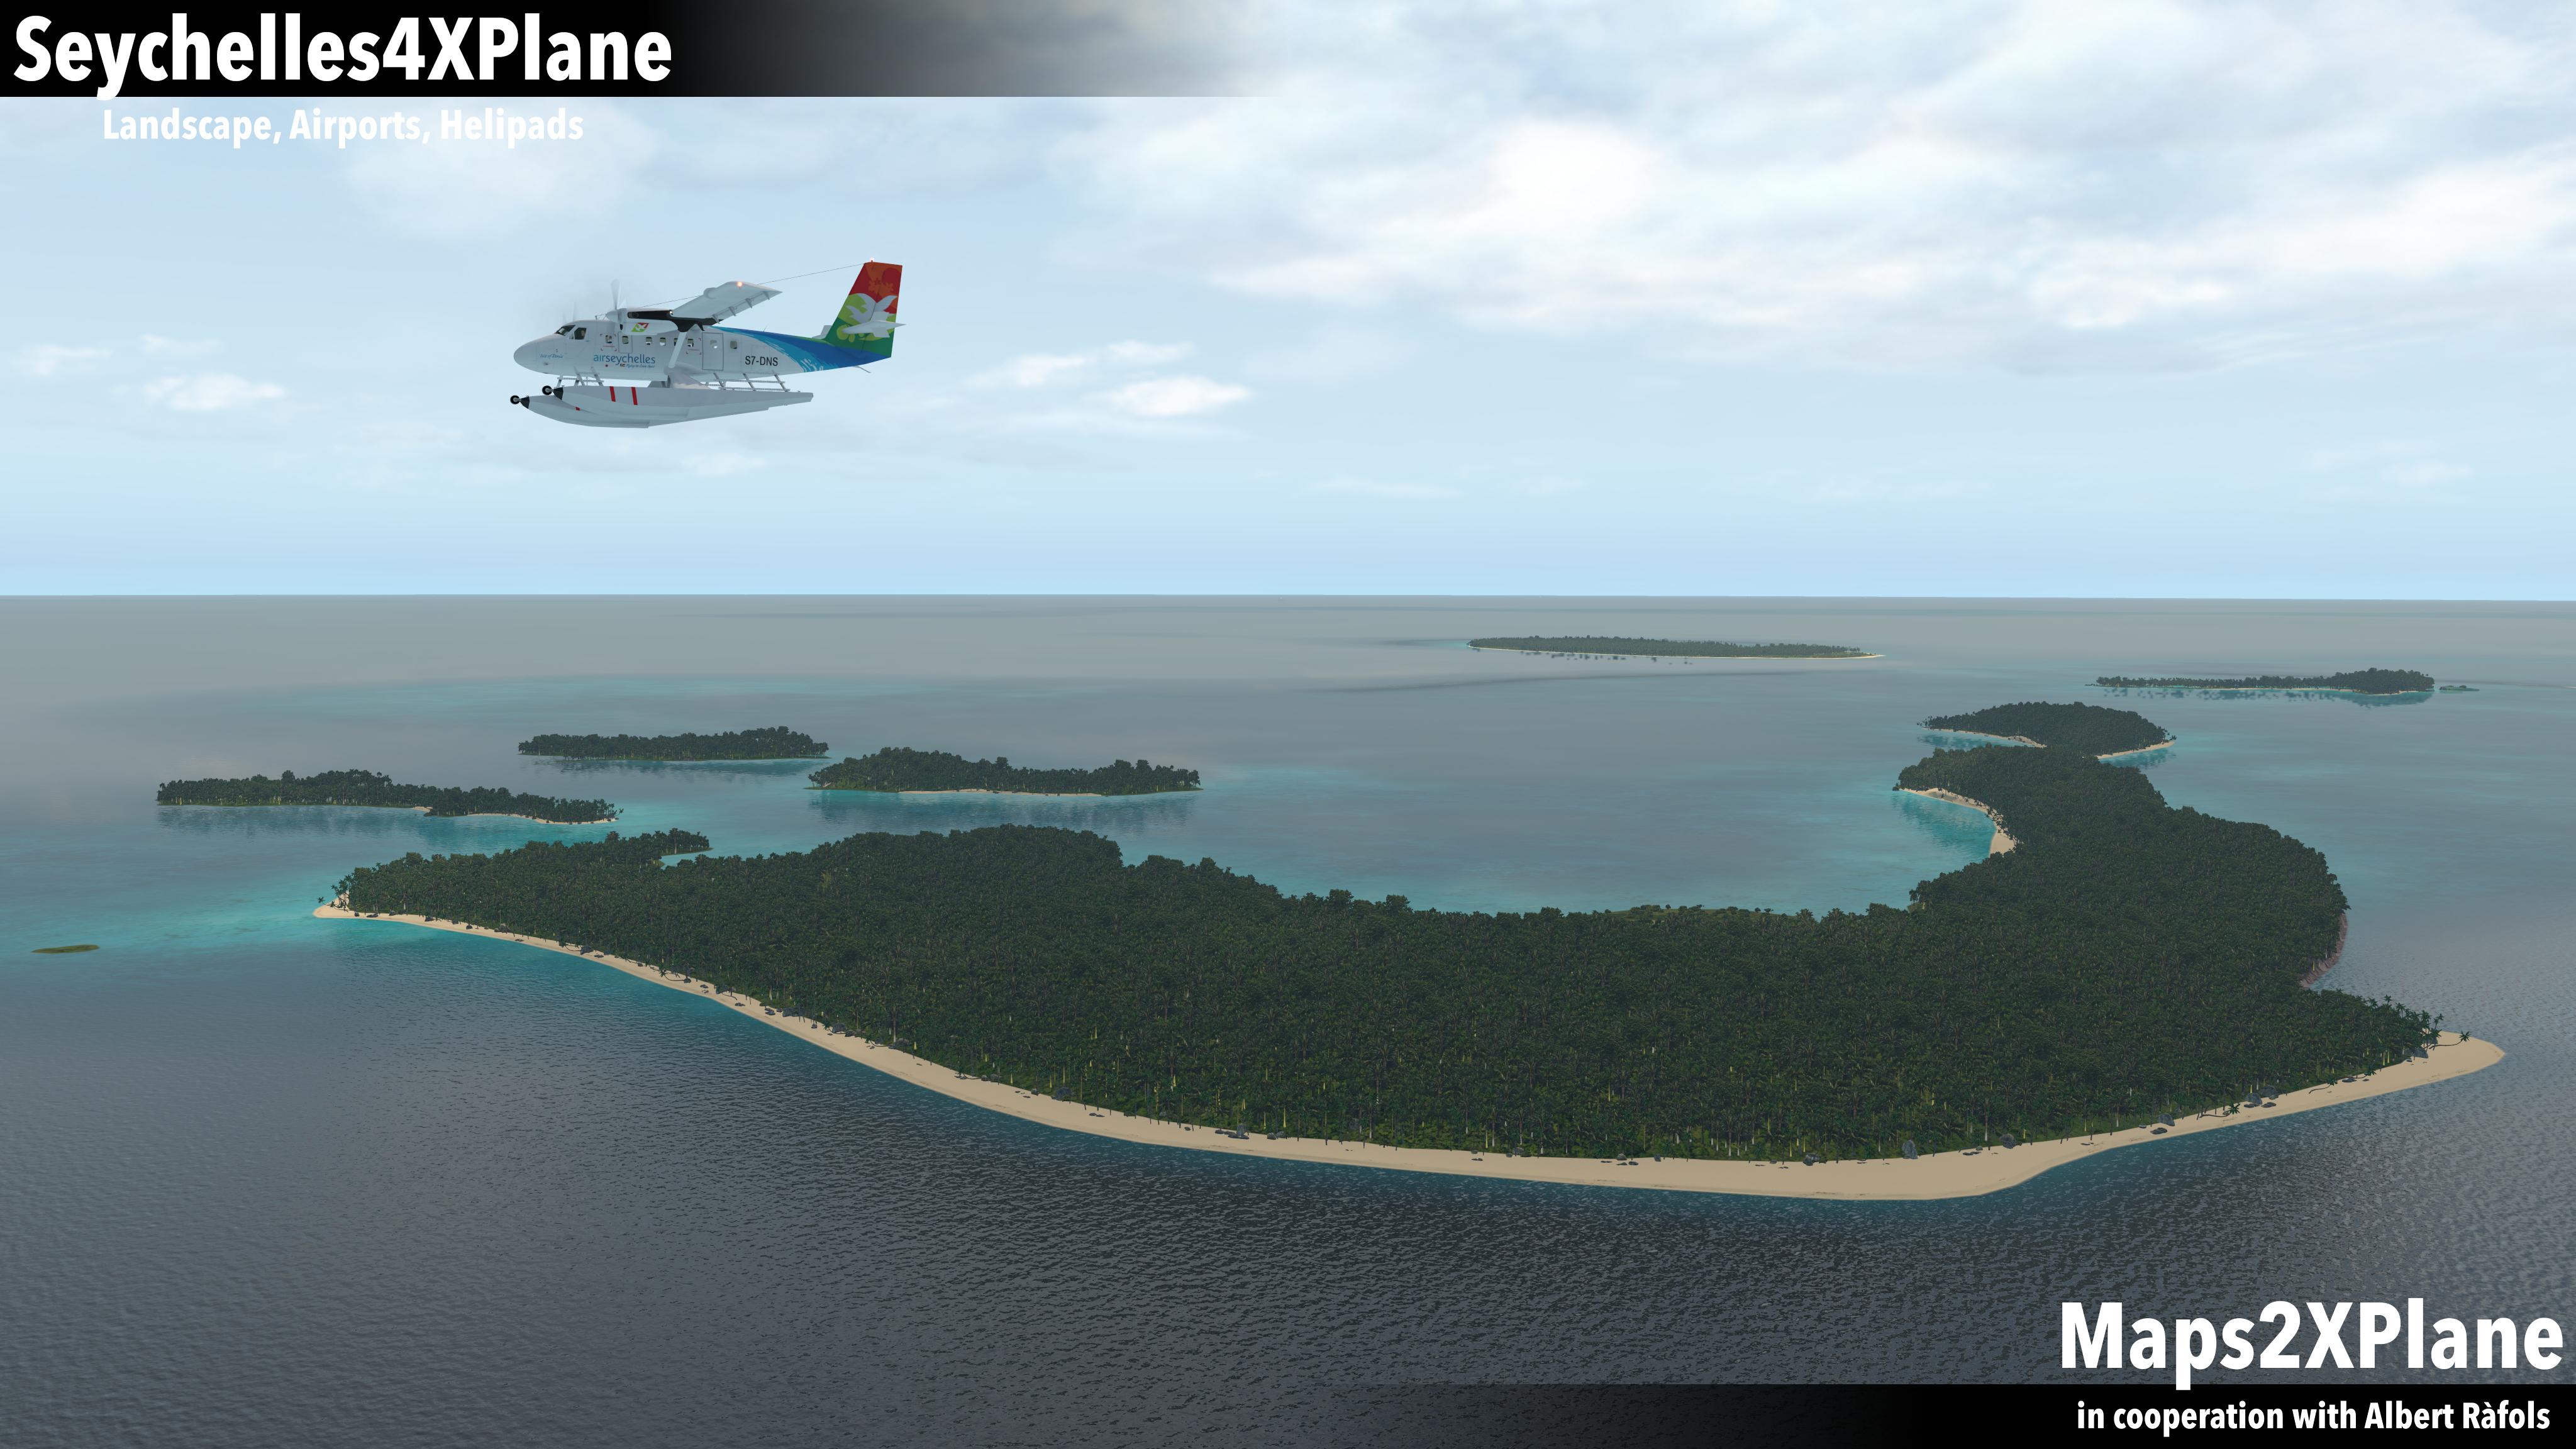 seychelles4xplane_fsda_05.jpg